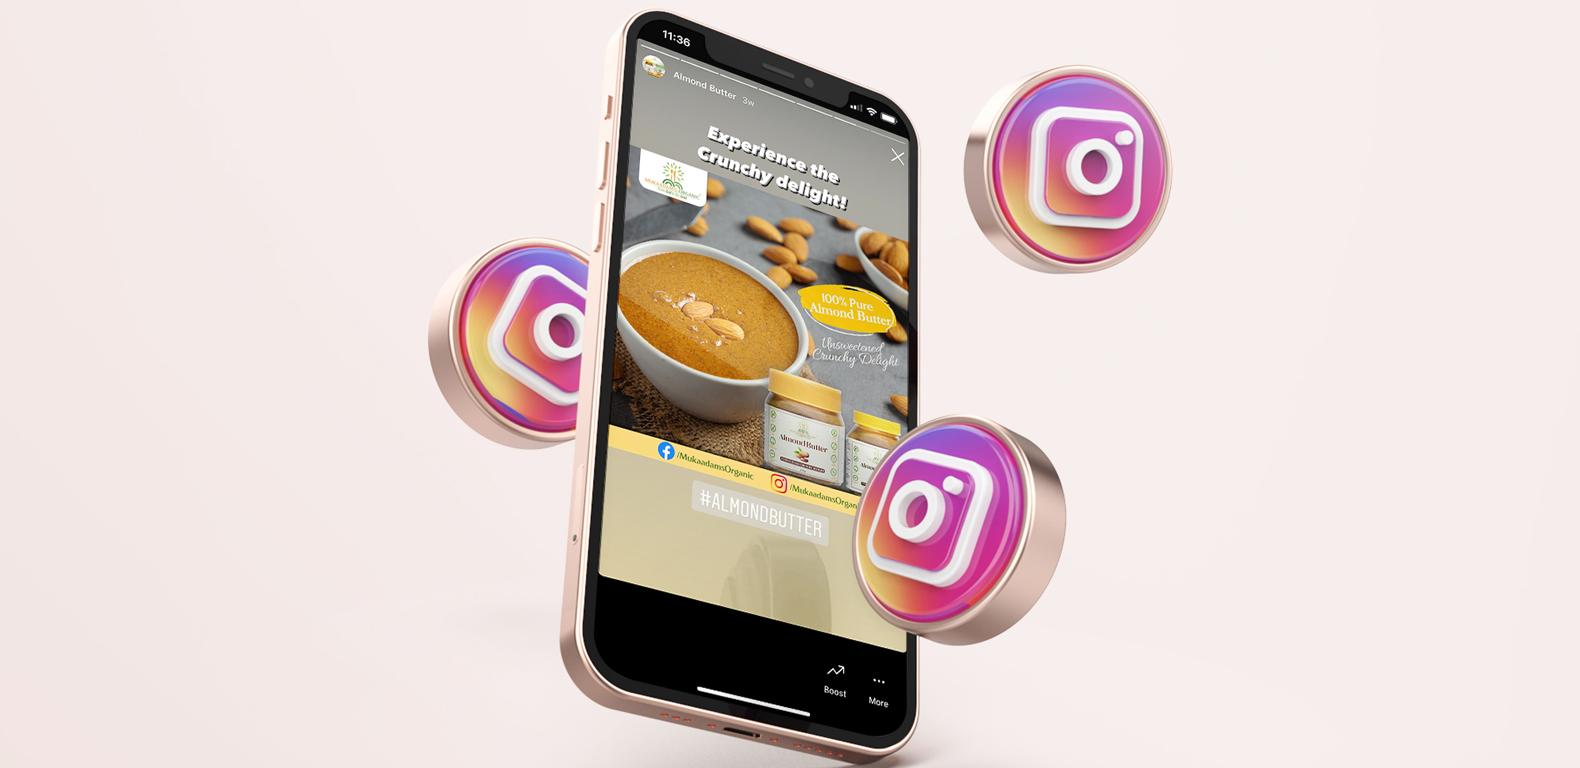 social-media-marketing-mukaadams-organic-Instagram-posts-4